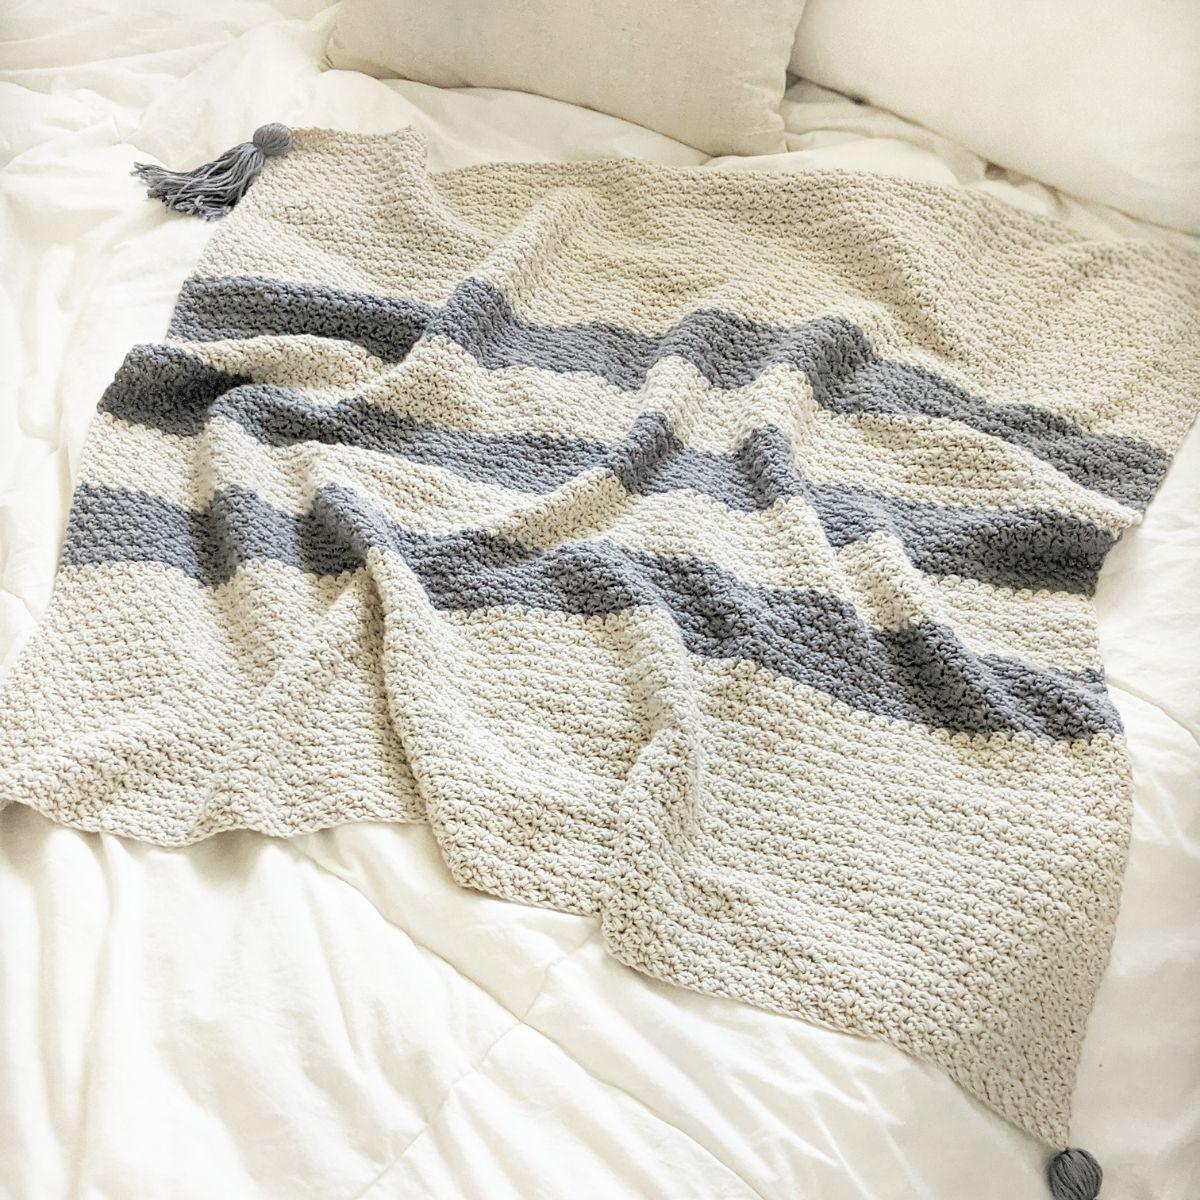 Modern Striped Crochet Baby Blanket – Free Pattern